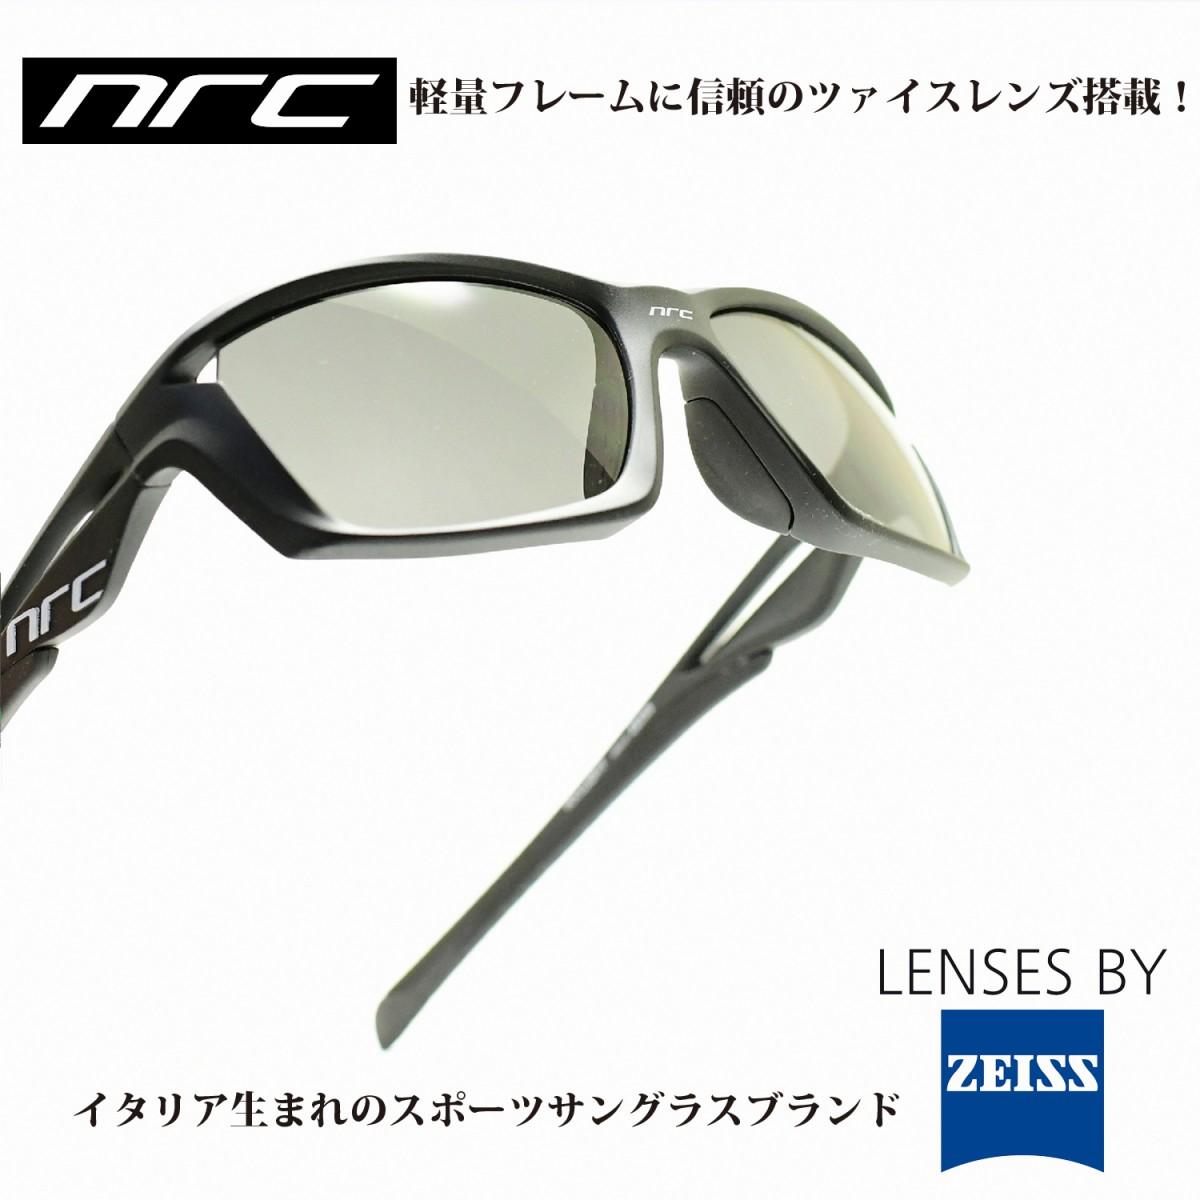 nrc エヌアールシーRX1 LIGHTメガネ 眼鏡 めがね メンズ レディース おしゃれ ブランド人気 おすすめ フレーム 流行り 度付き レンズ サングラス スポーツ